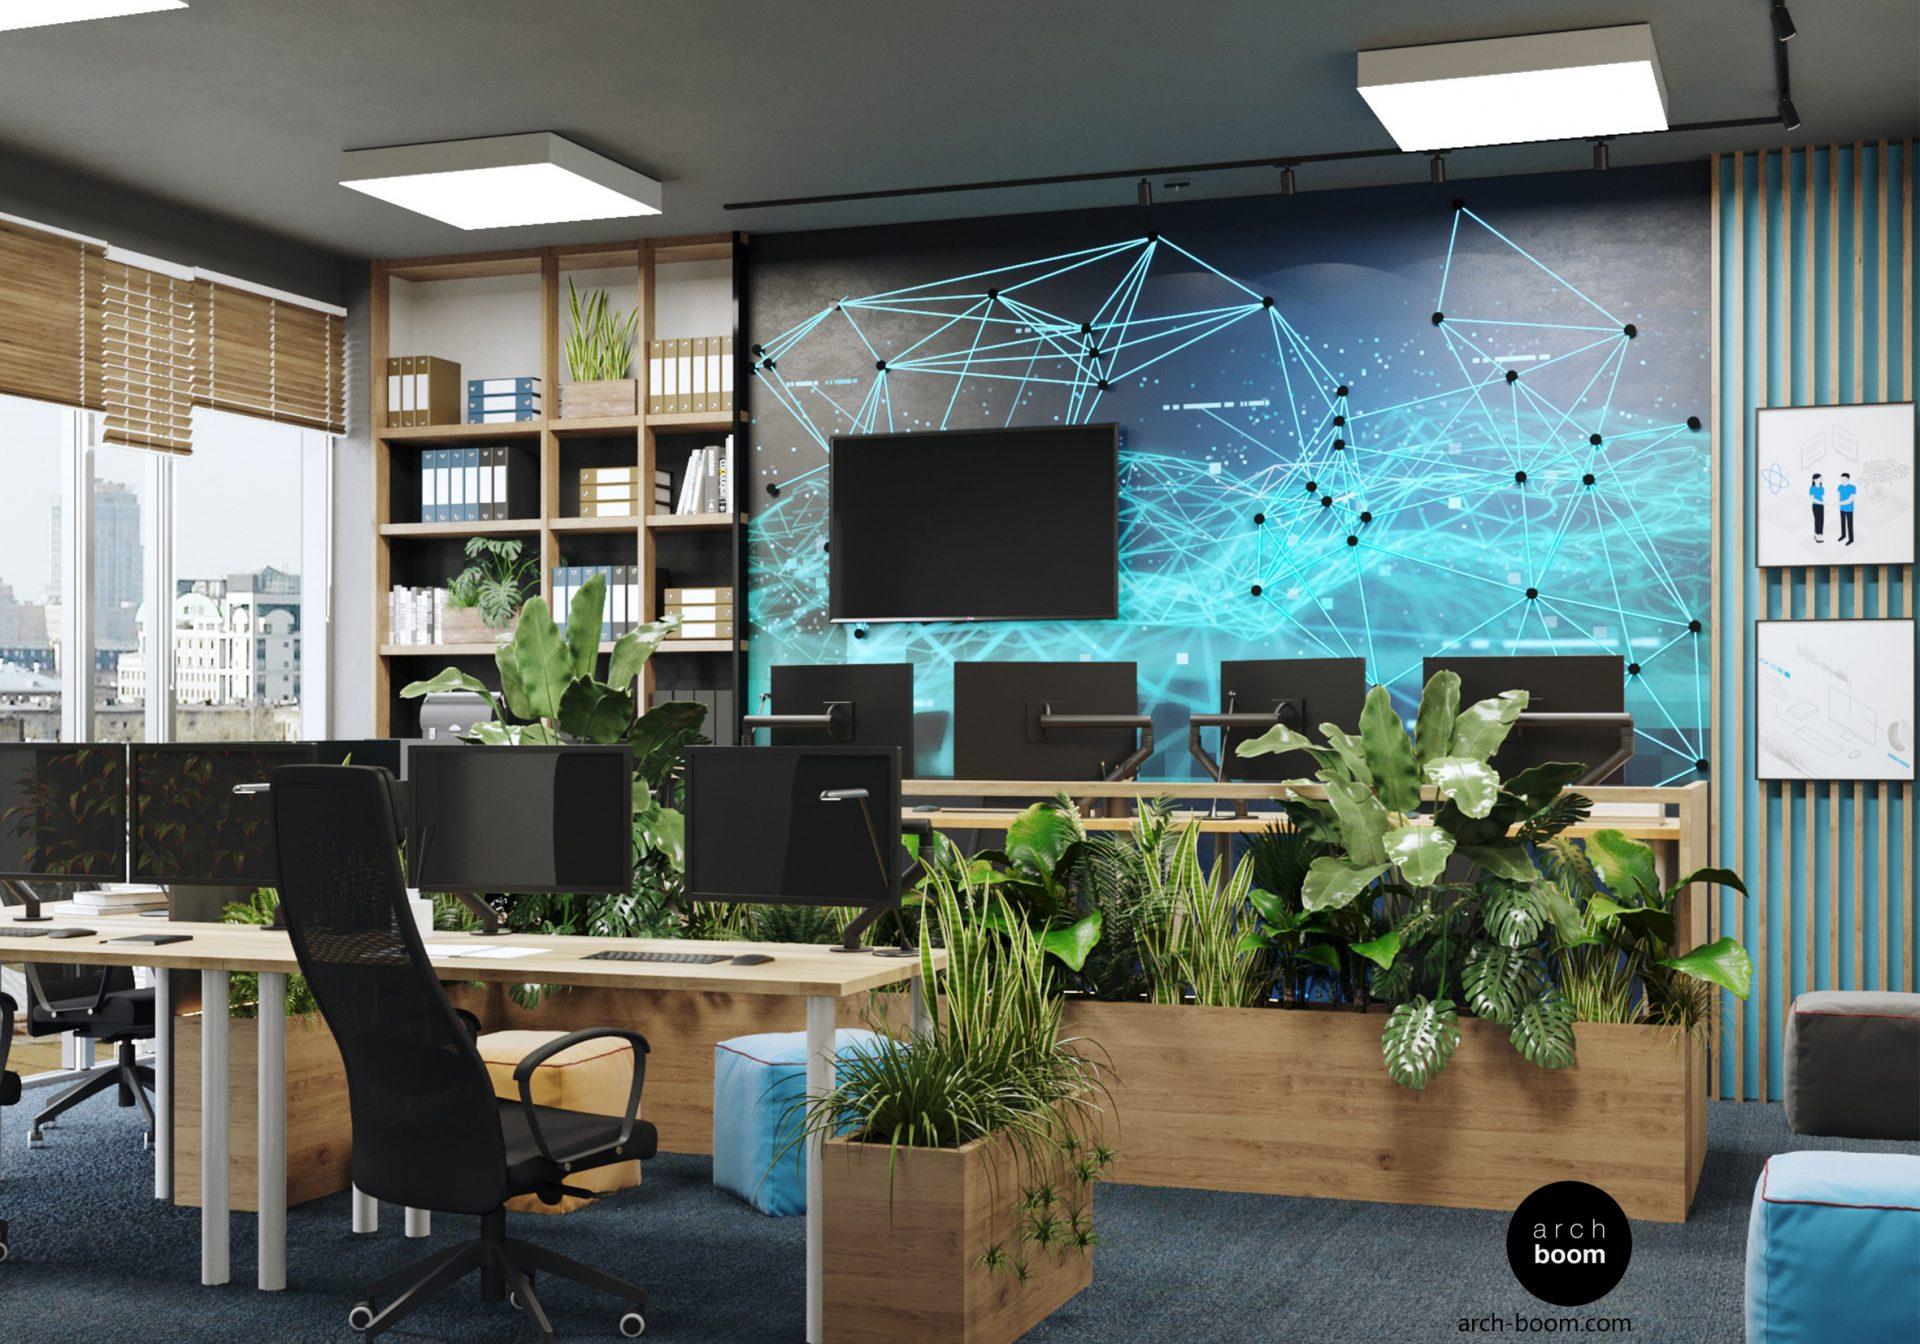 projekt pomieszczeń biurowych dla firmy IT w Gdańsku Wizualizacja